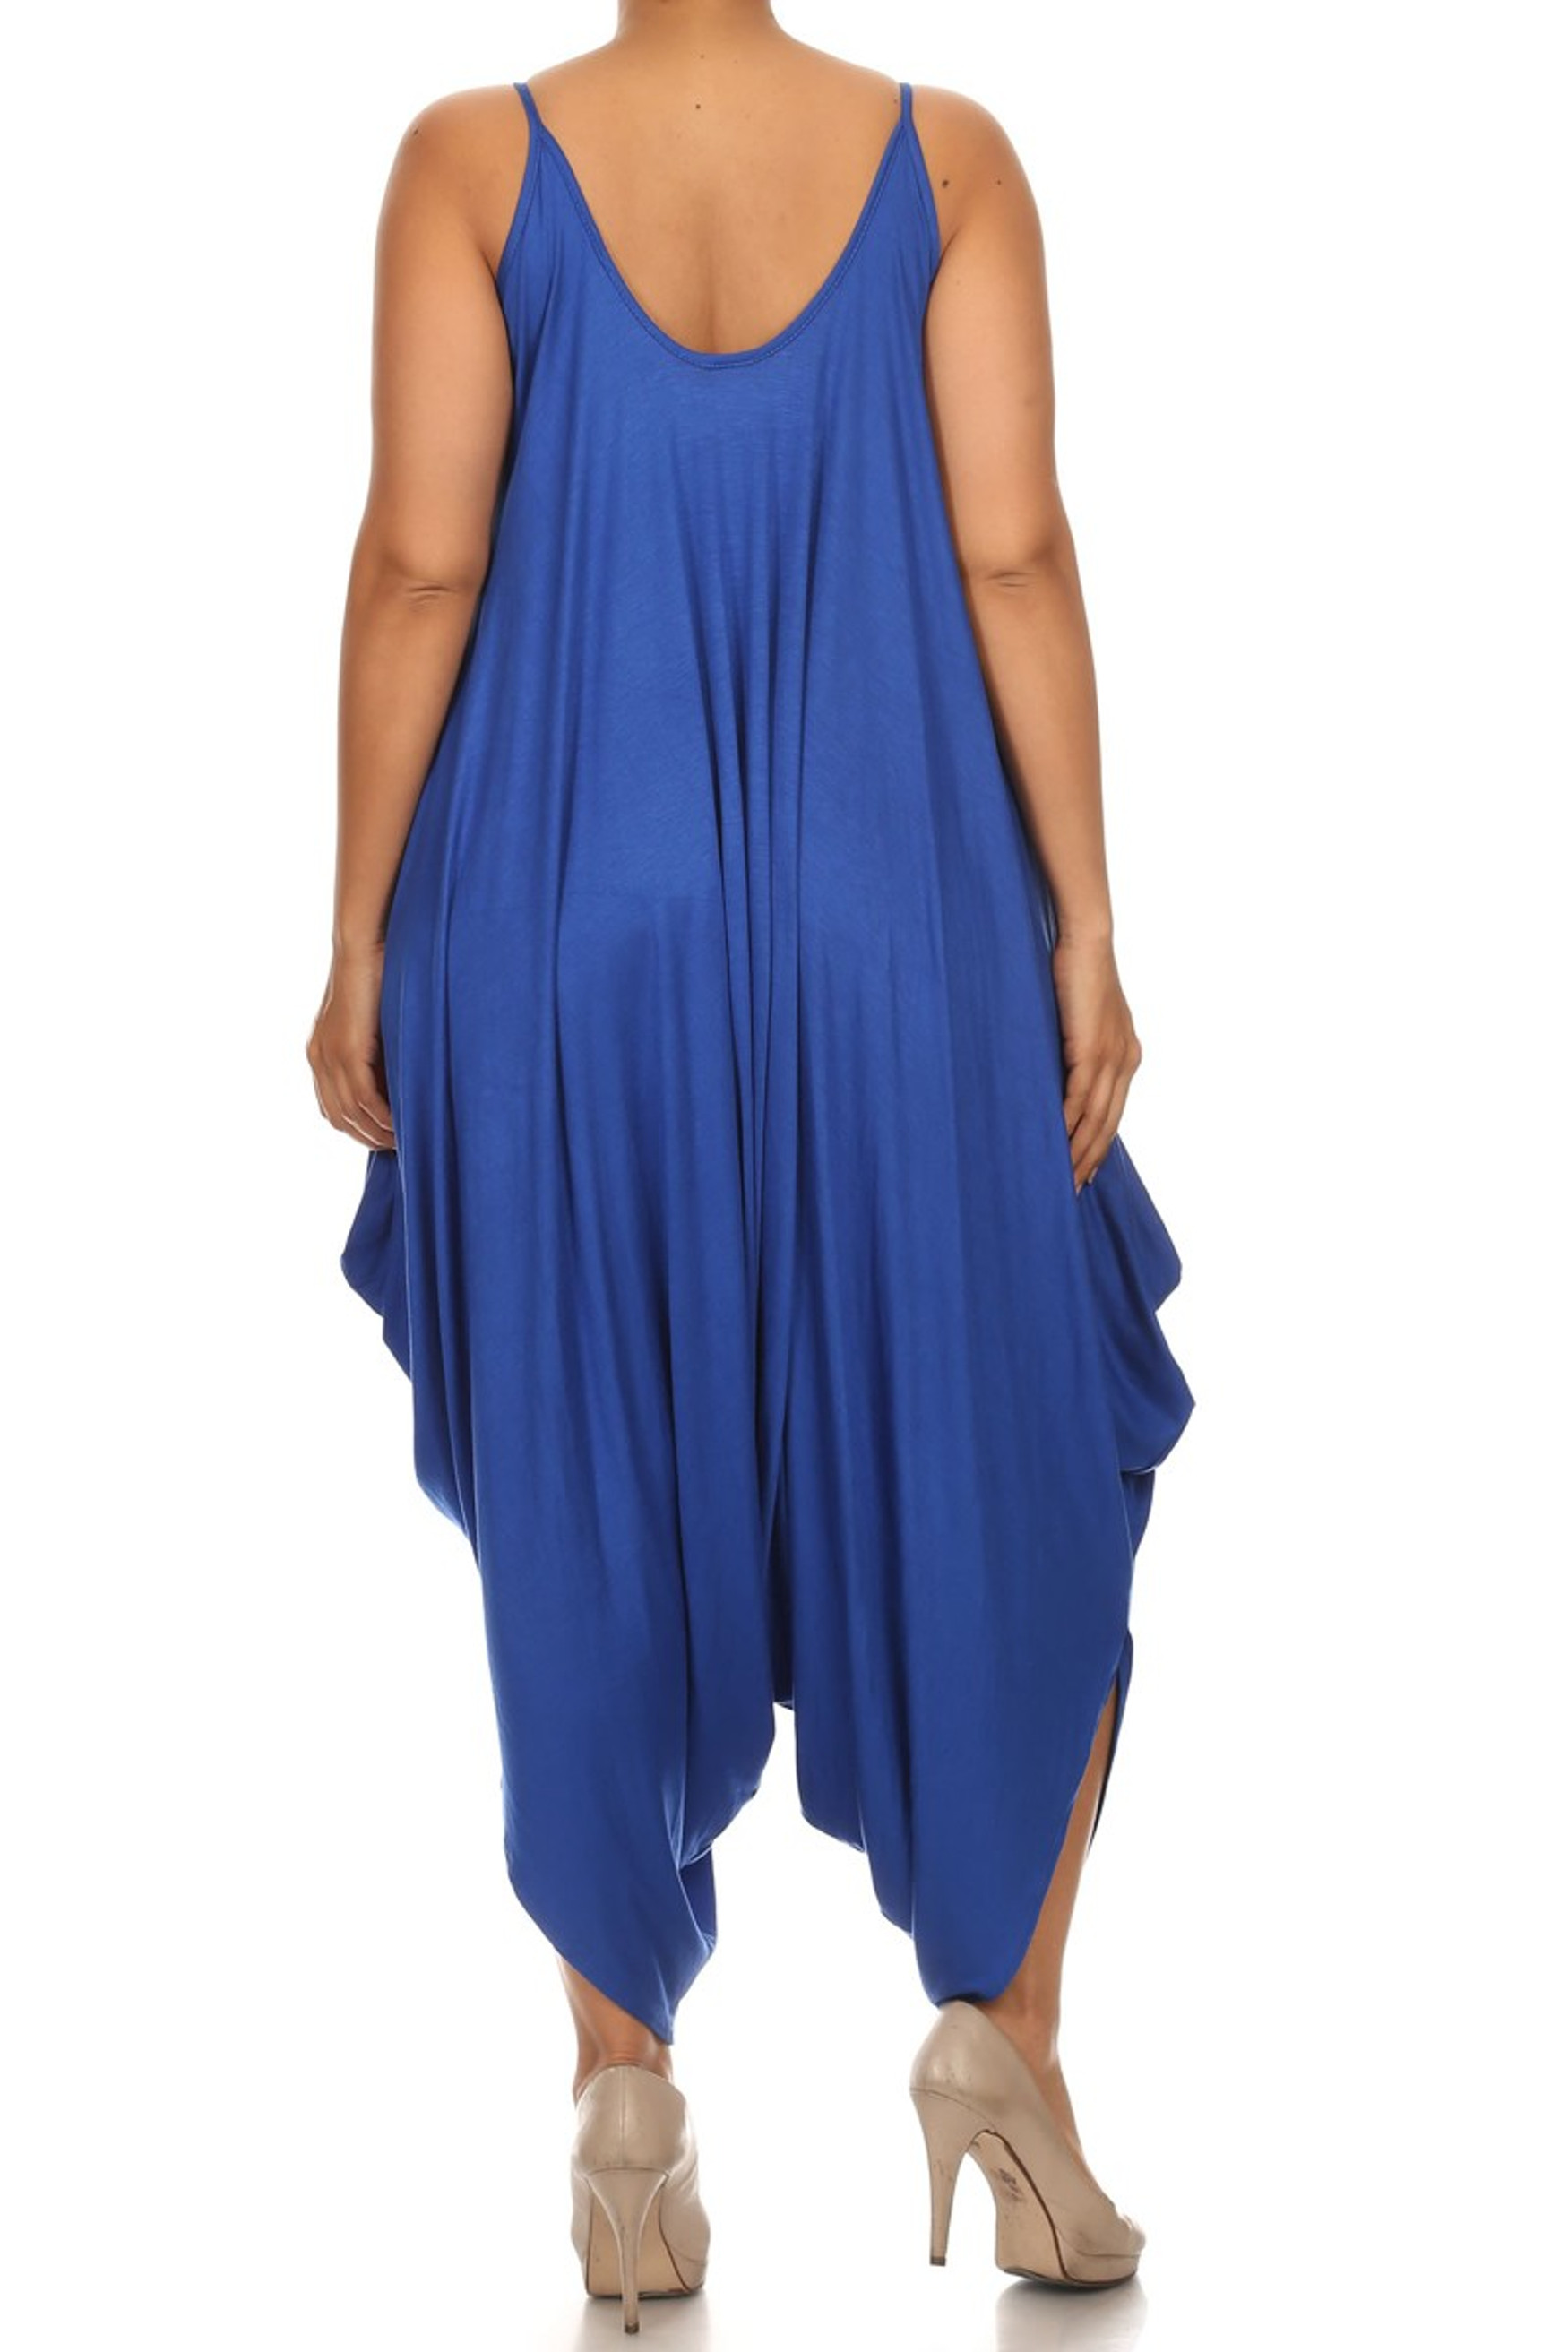 Blue Bohemian Harem Jumpsuit - Plus Size